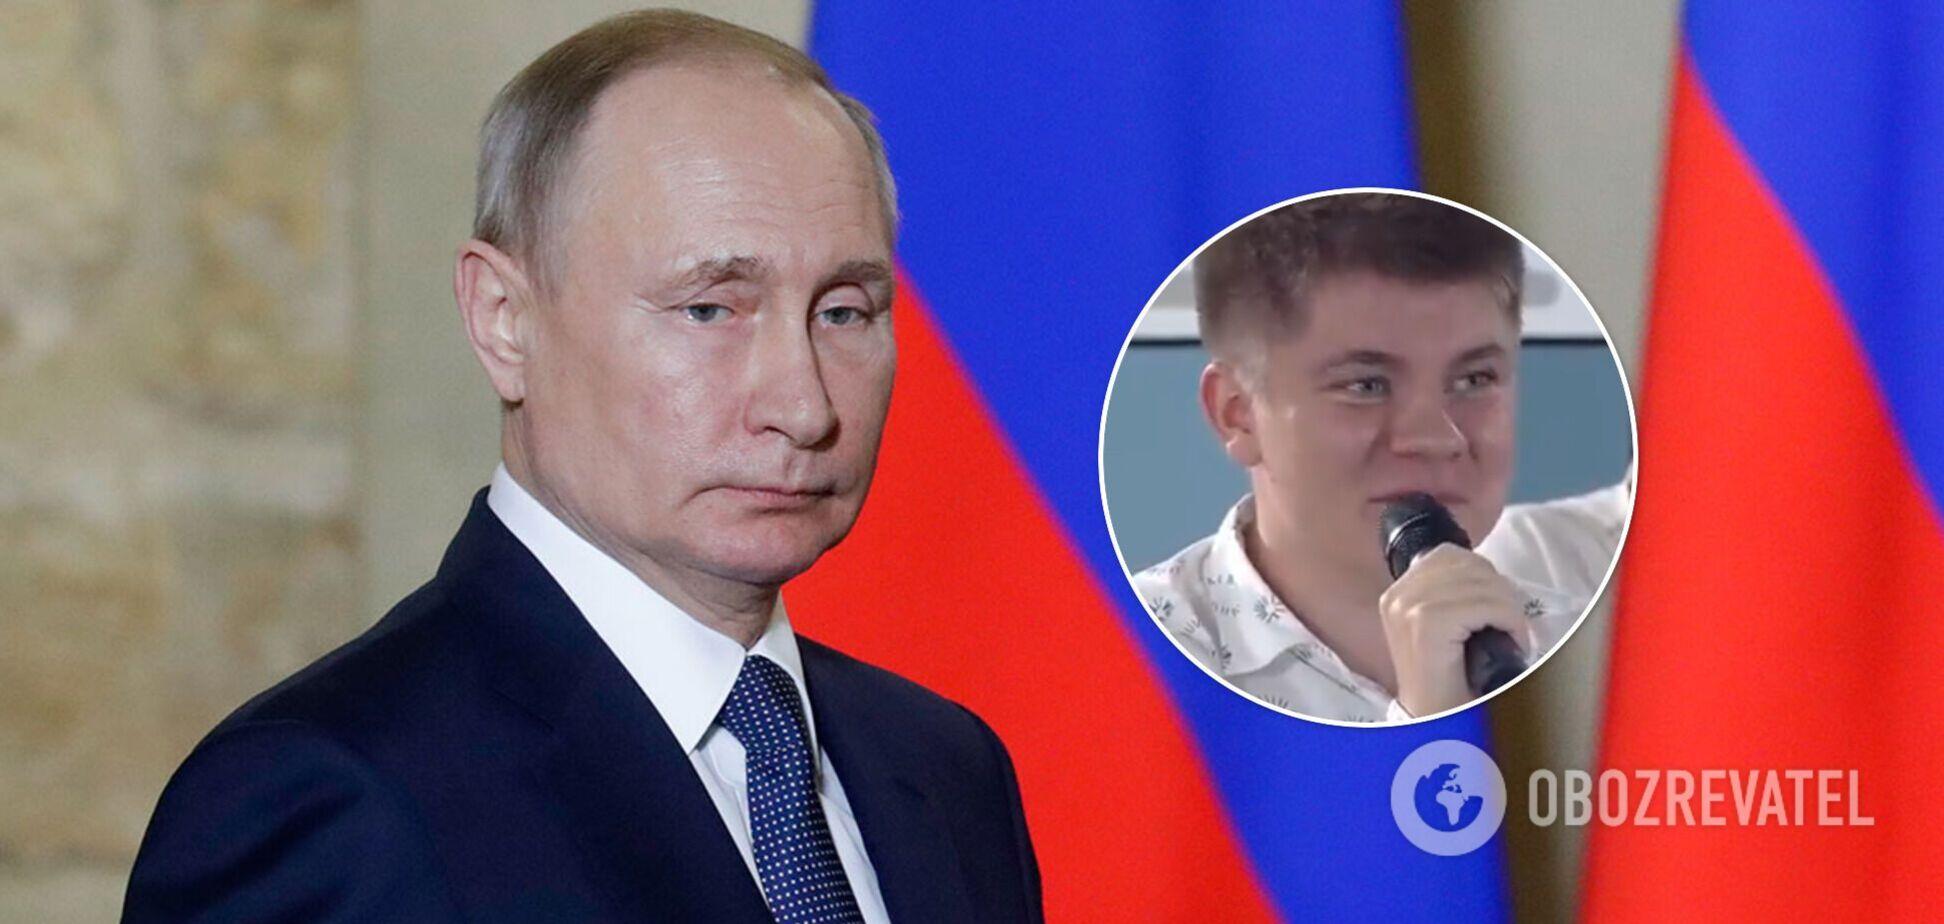 Школяр поправив Путіна на відкритому уроці: директорка школи його розкритикувала. Відео